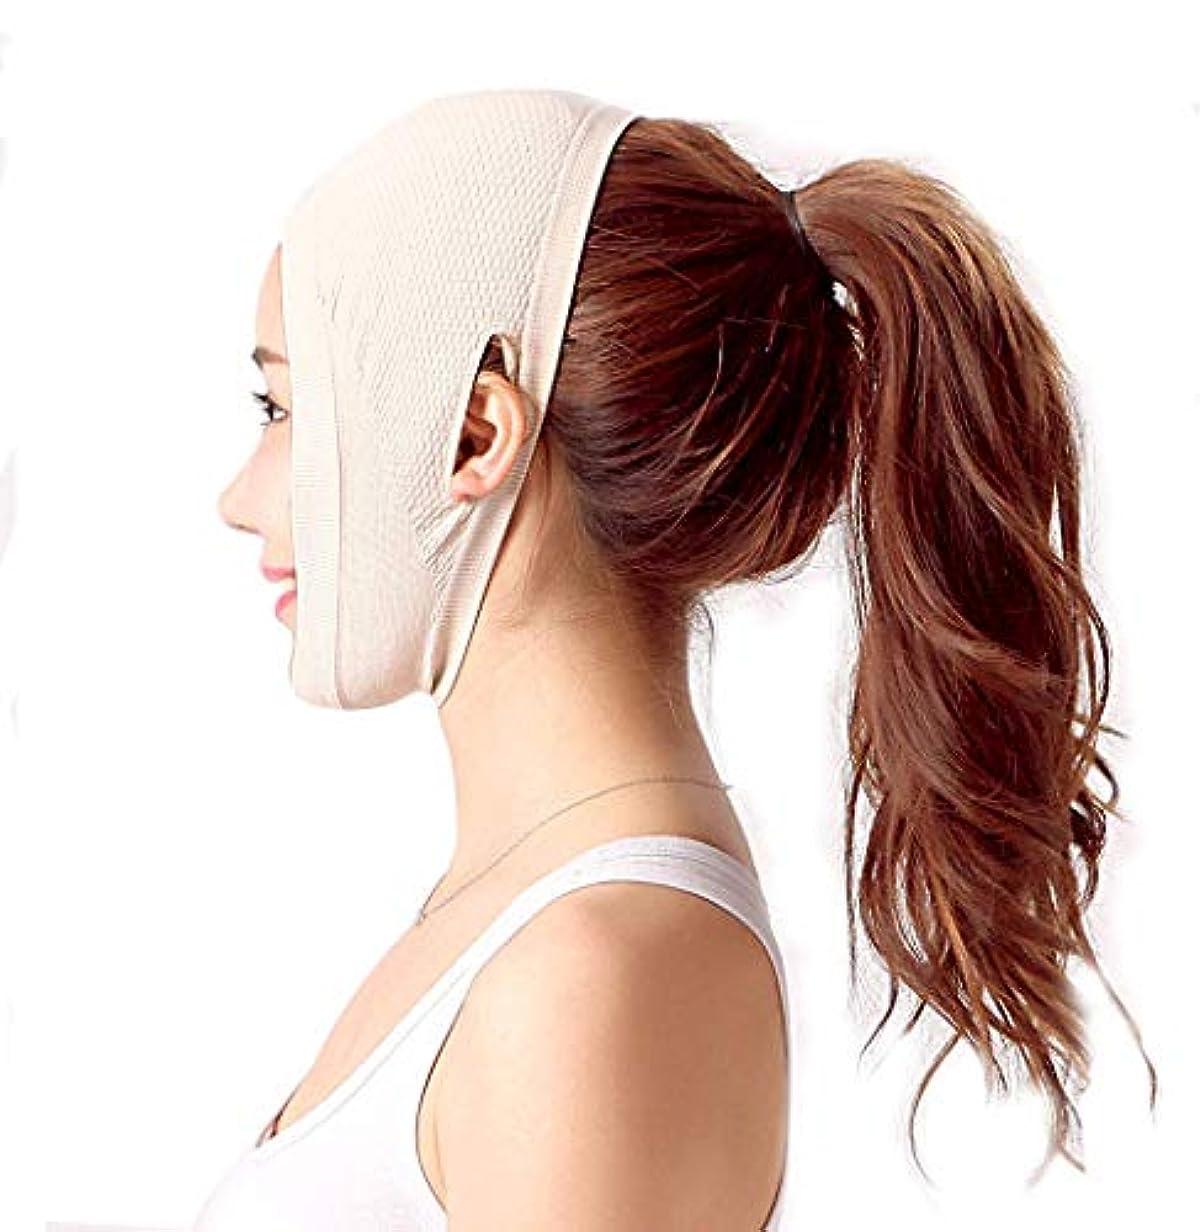 狂った物理的なアブストラクト整形外科手術後の回復ヘッドギア医療マスク睡眠Vフェイスリフティング包帯薄いフェイスマスク(サイズ:肌の色(A)),肌の色調(A)